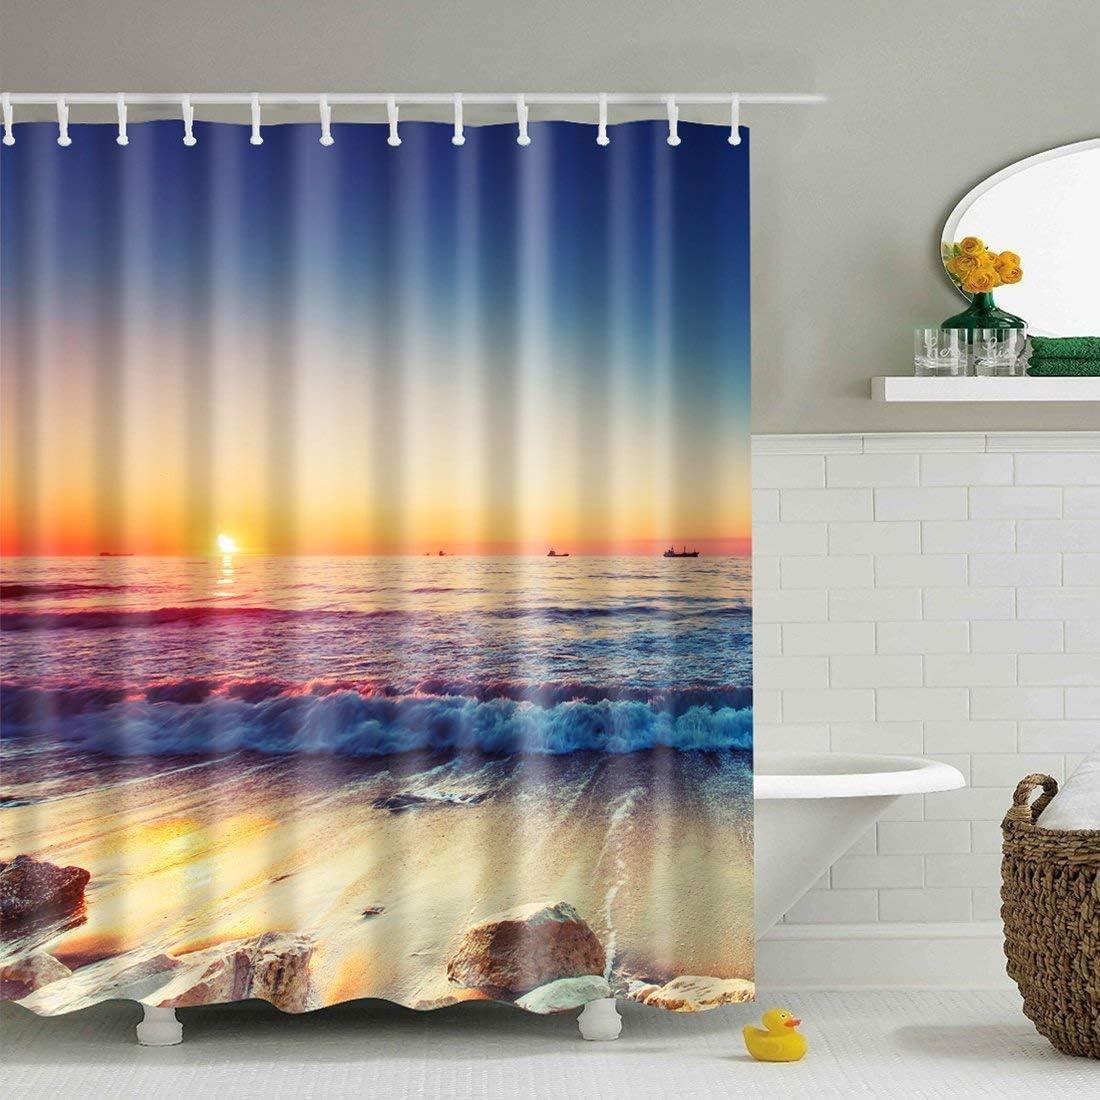 Beach #2 conganci JameStyle26 180 x 180 cm disponibile indiversi motivi antimuffa tenda per doccia con stampa digitale